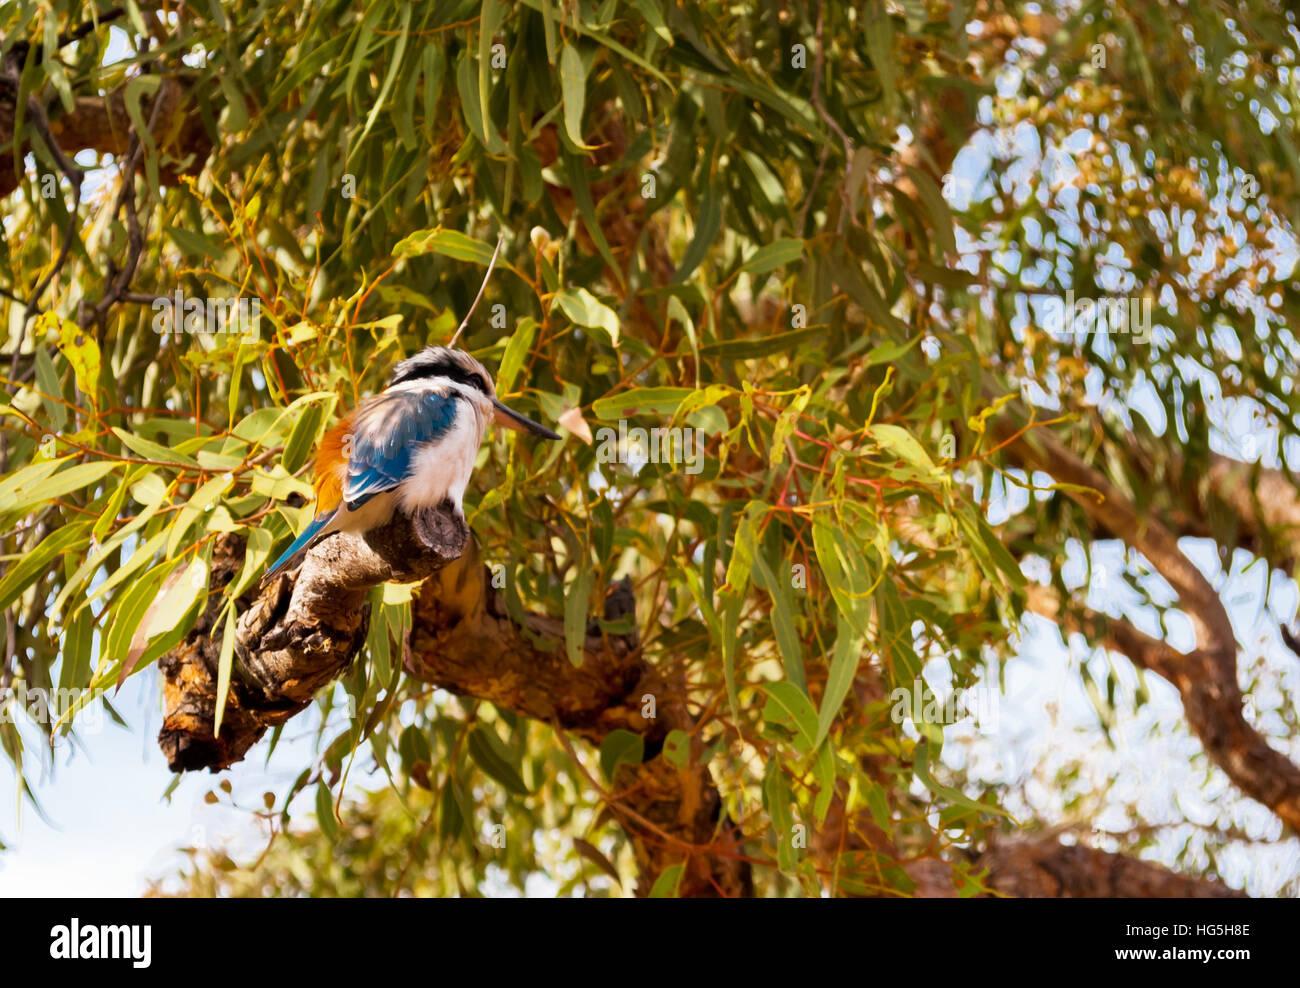 Australian Kookaburra bird standing on a tree - Stock Image